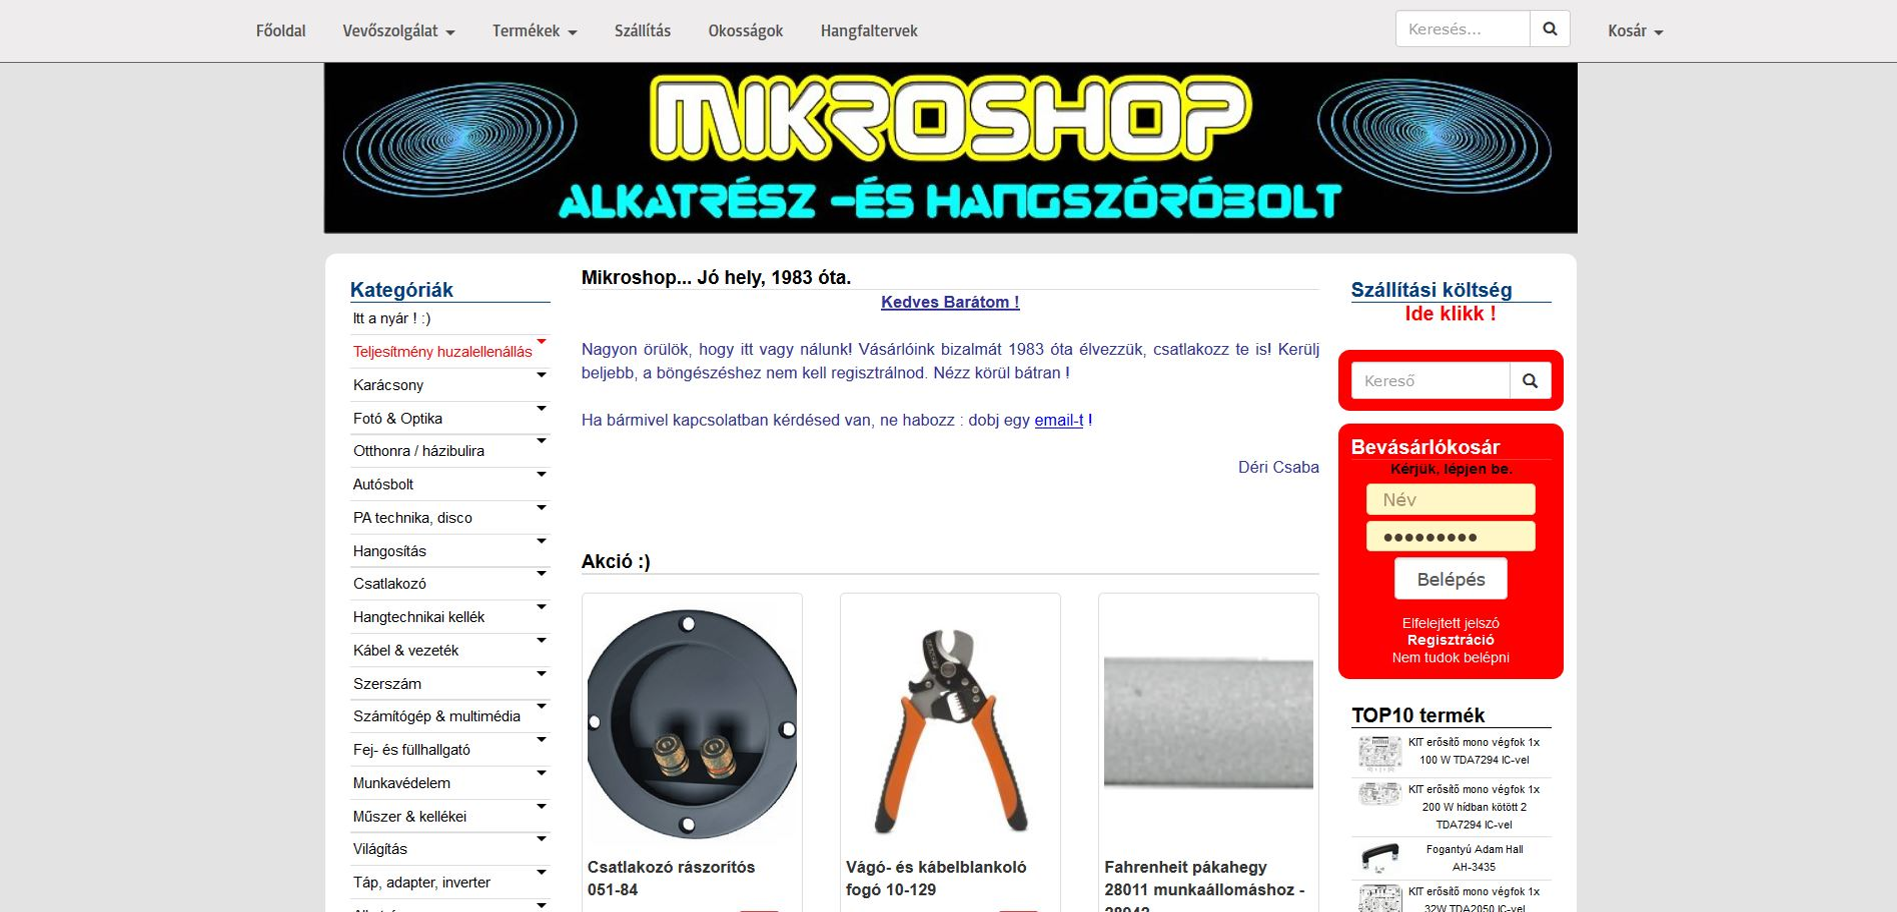 mikroshop.bolt.hu webáruház